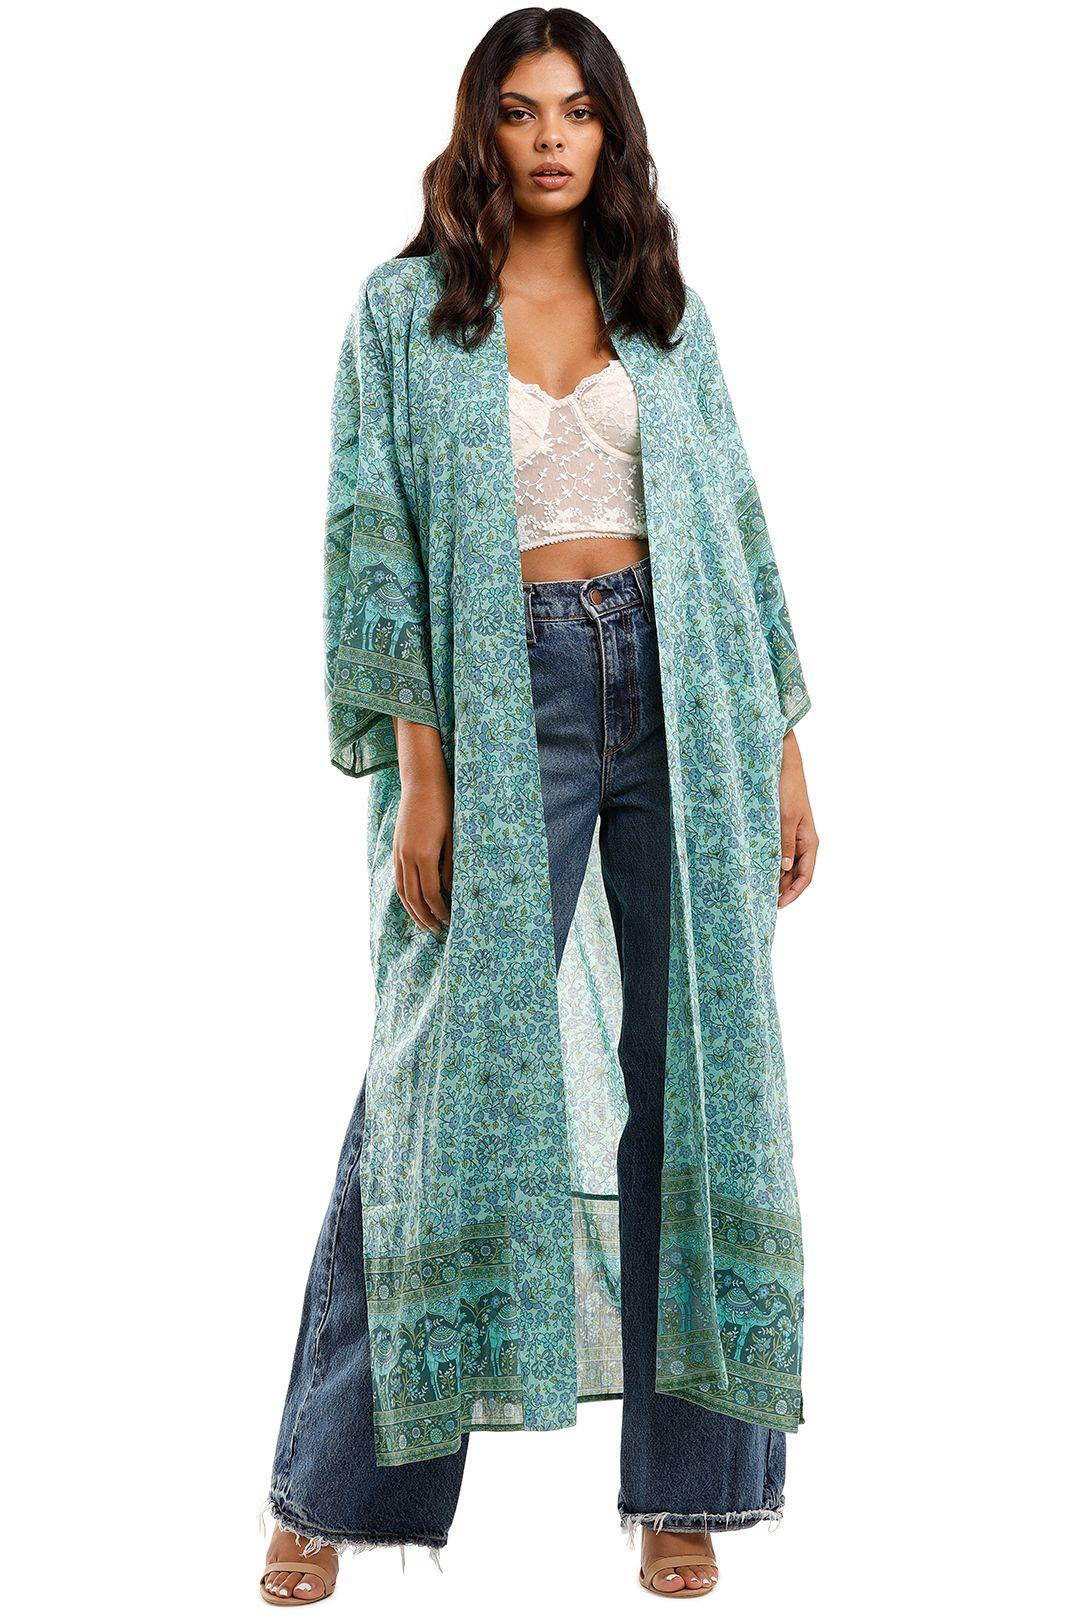 Spell Sundown Maxi Robe Turquoise